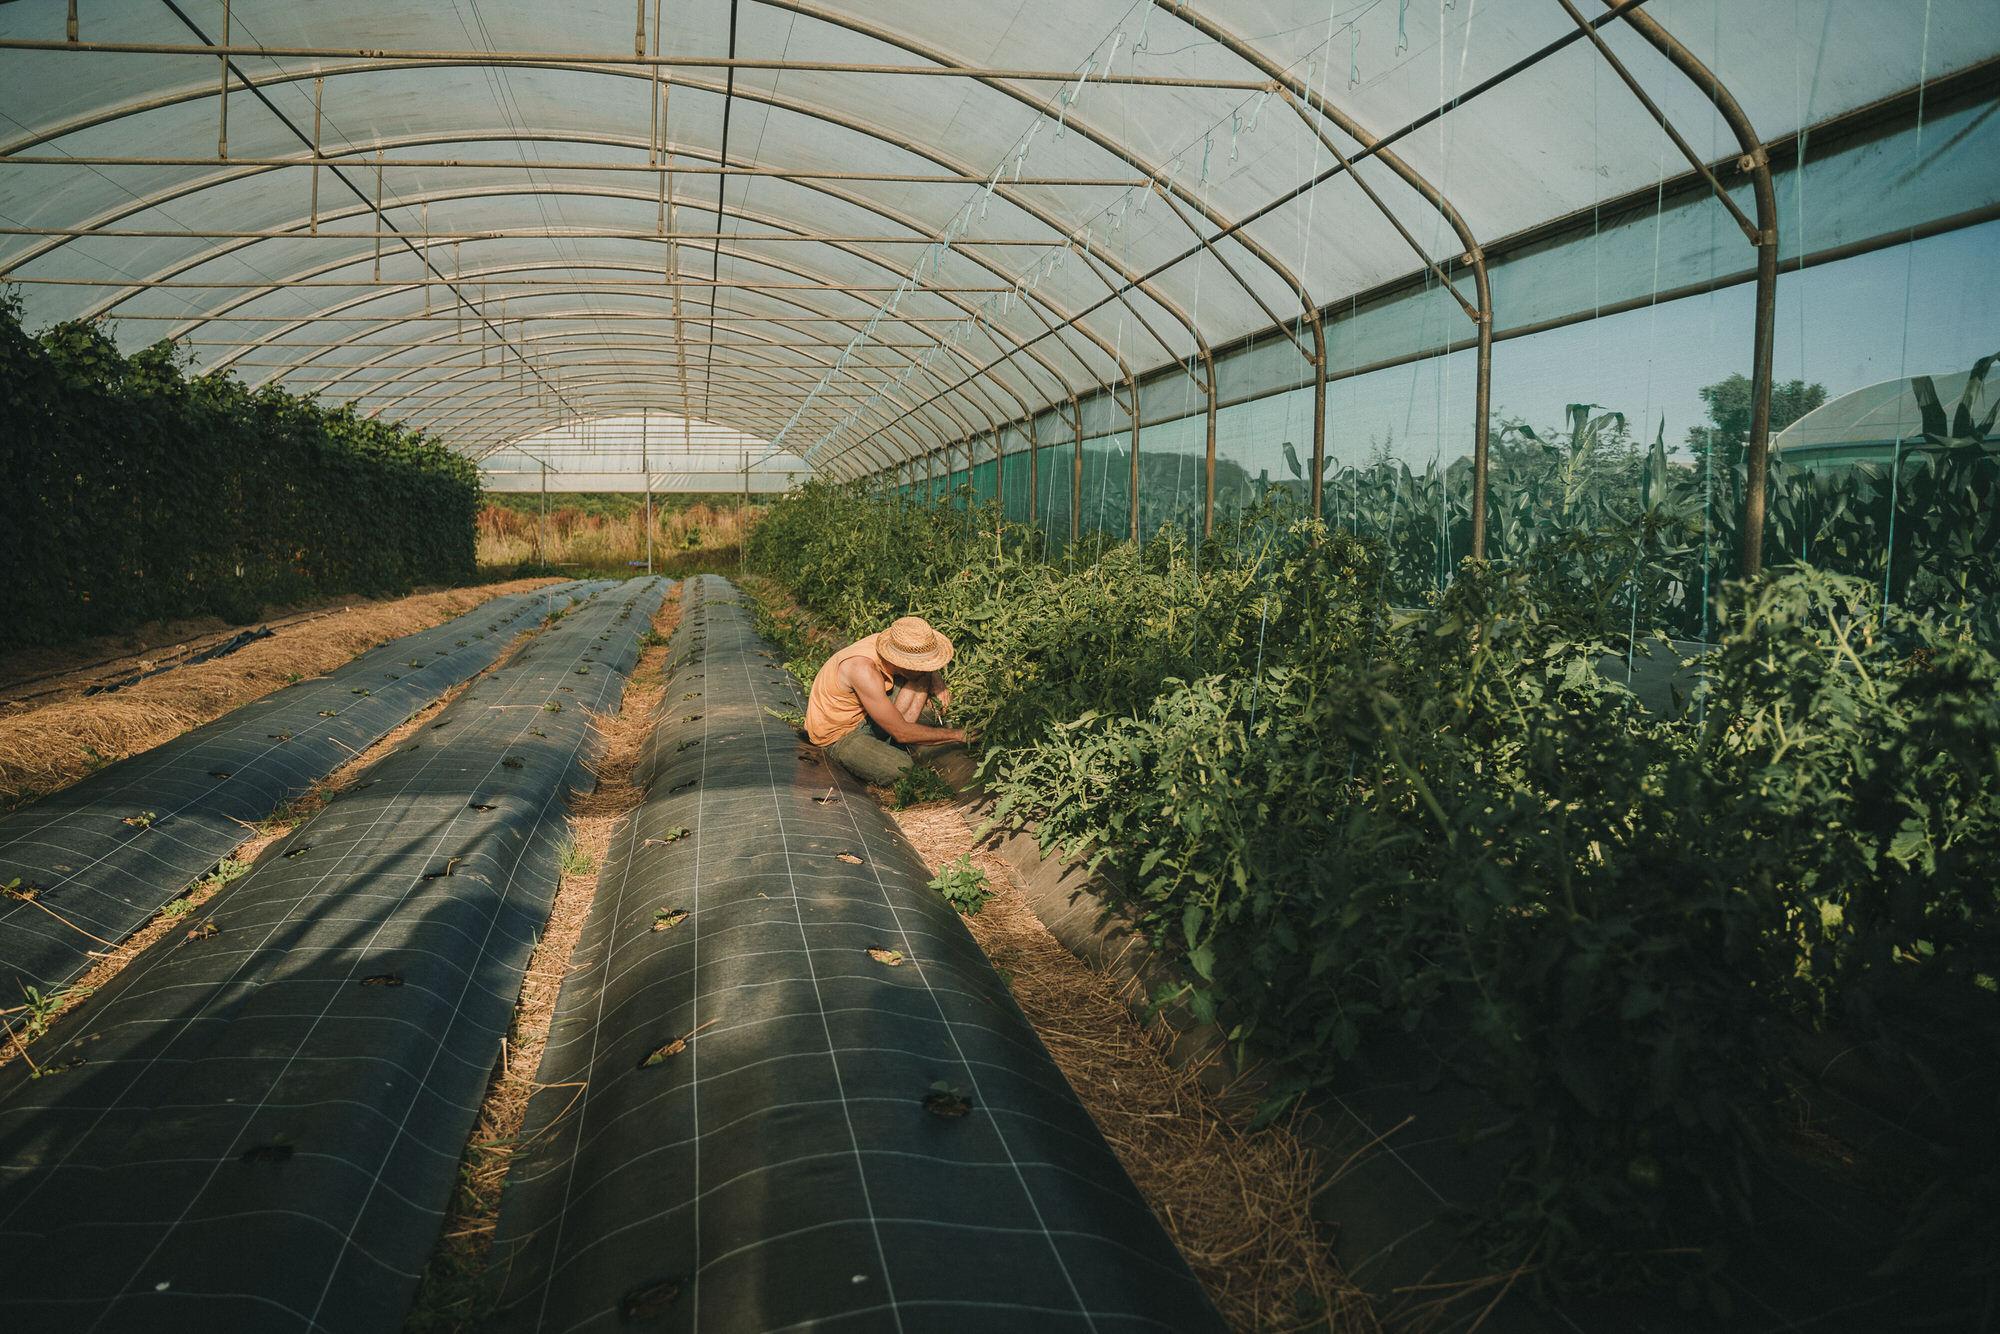 Reportage Photo Brest 20200713 04796 Les Jardins De Kerlomann Légumes Anciens Et Bio En Bretagne Www.antoineborzeix.fr , Photographe & Videaste à Brest / Finistère